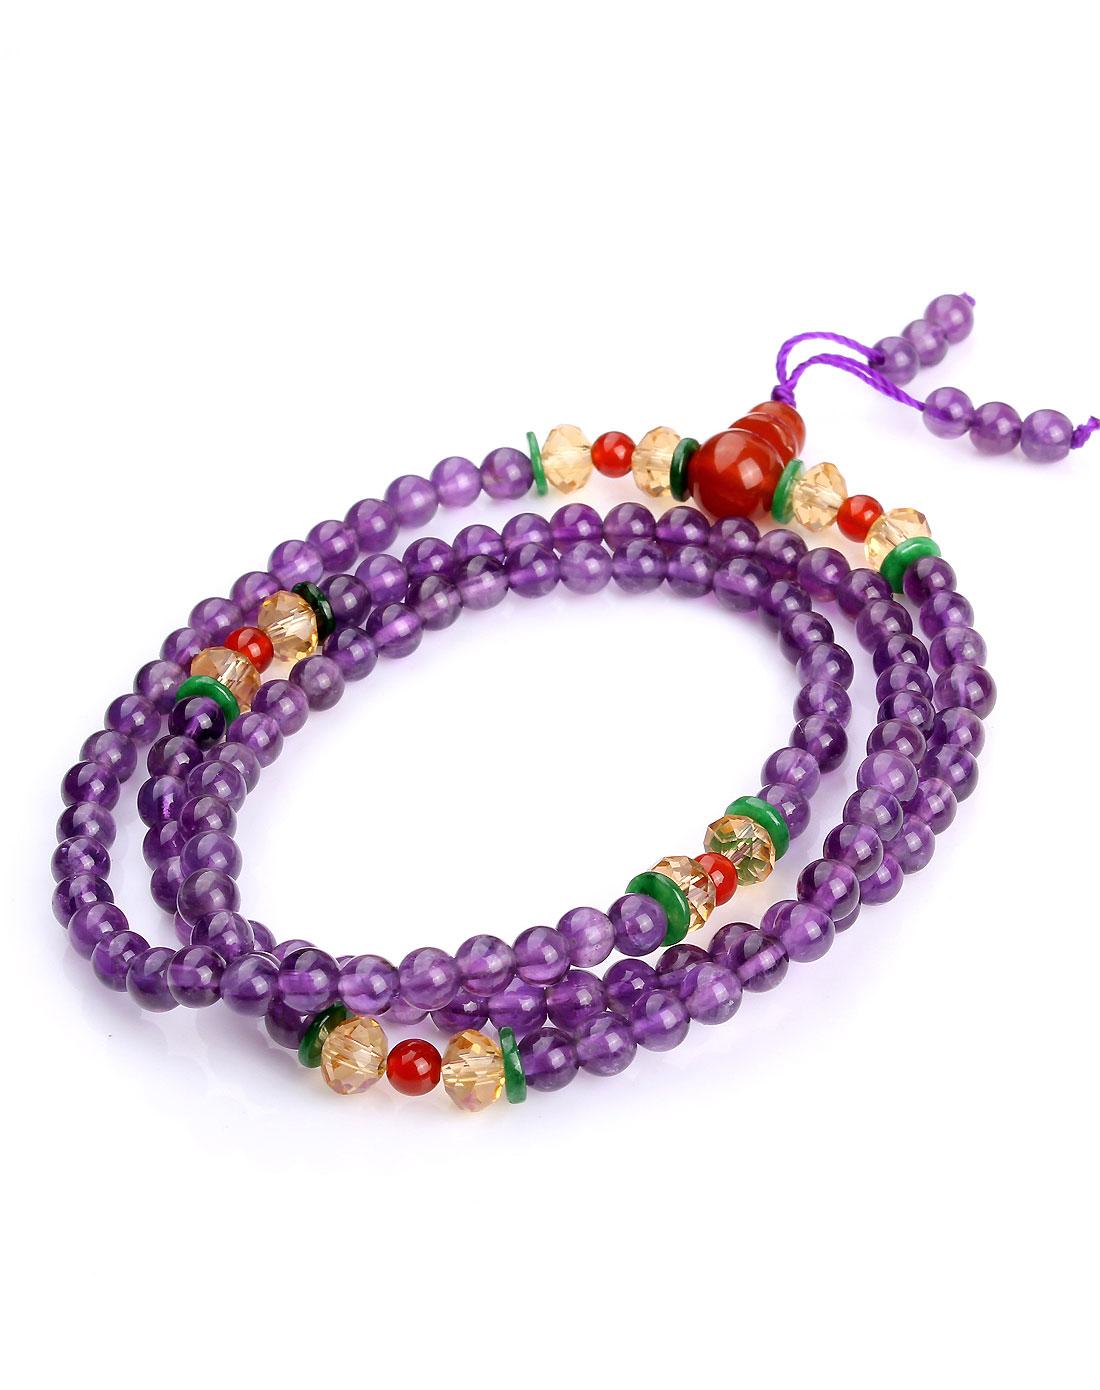 天然紫水晶佛珠手链5mm-108